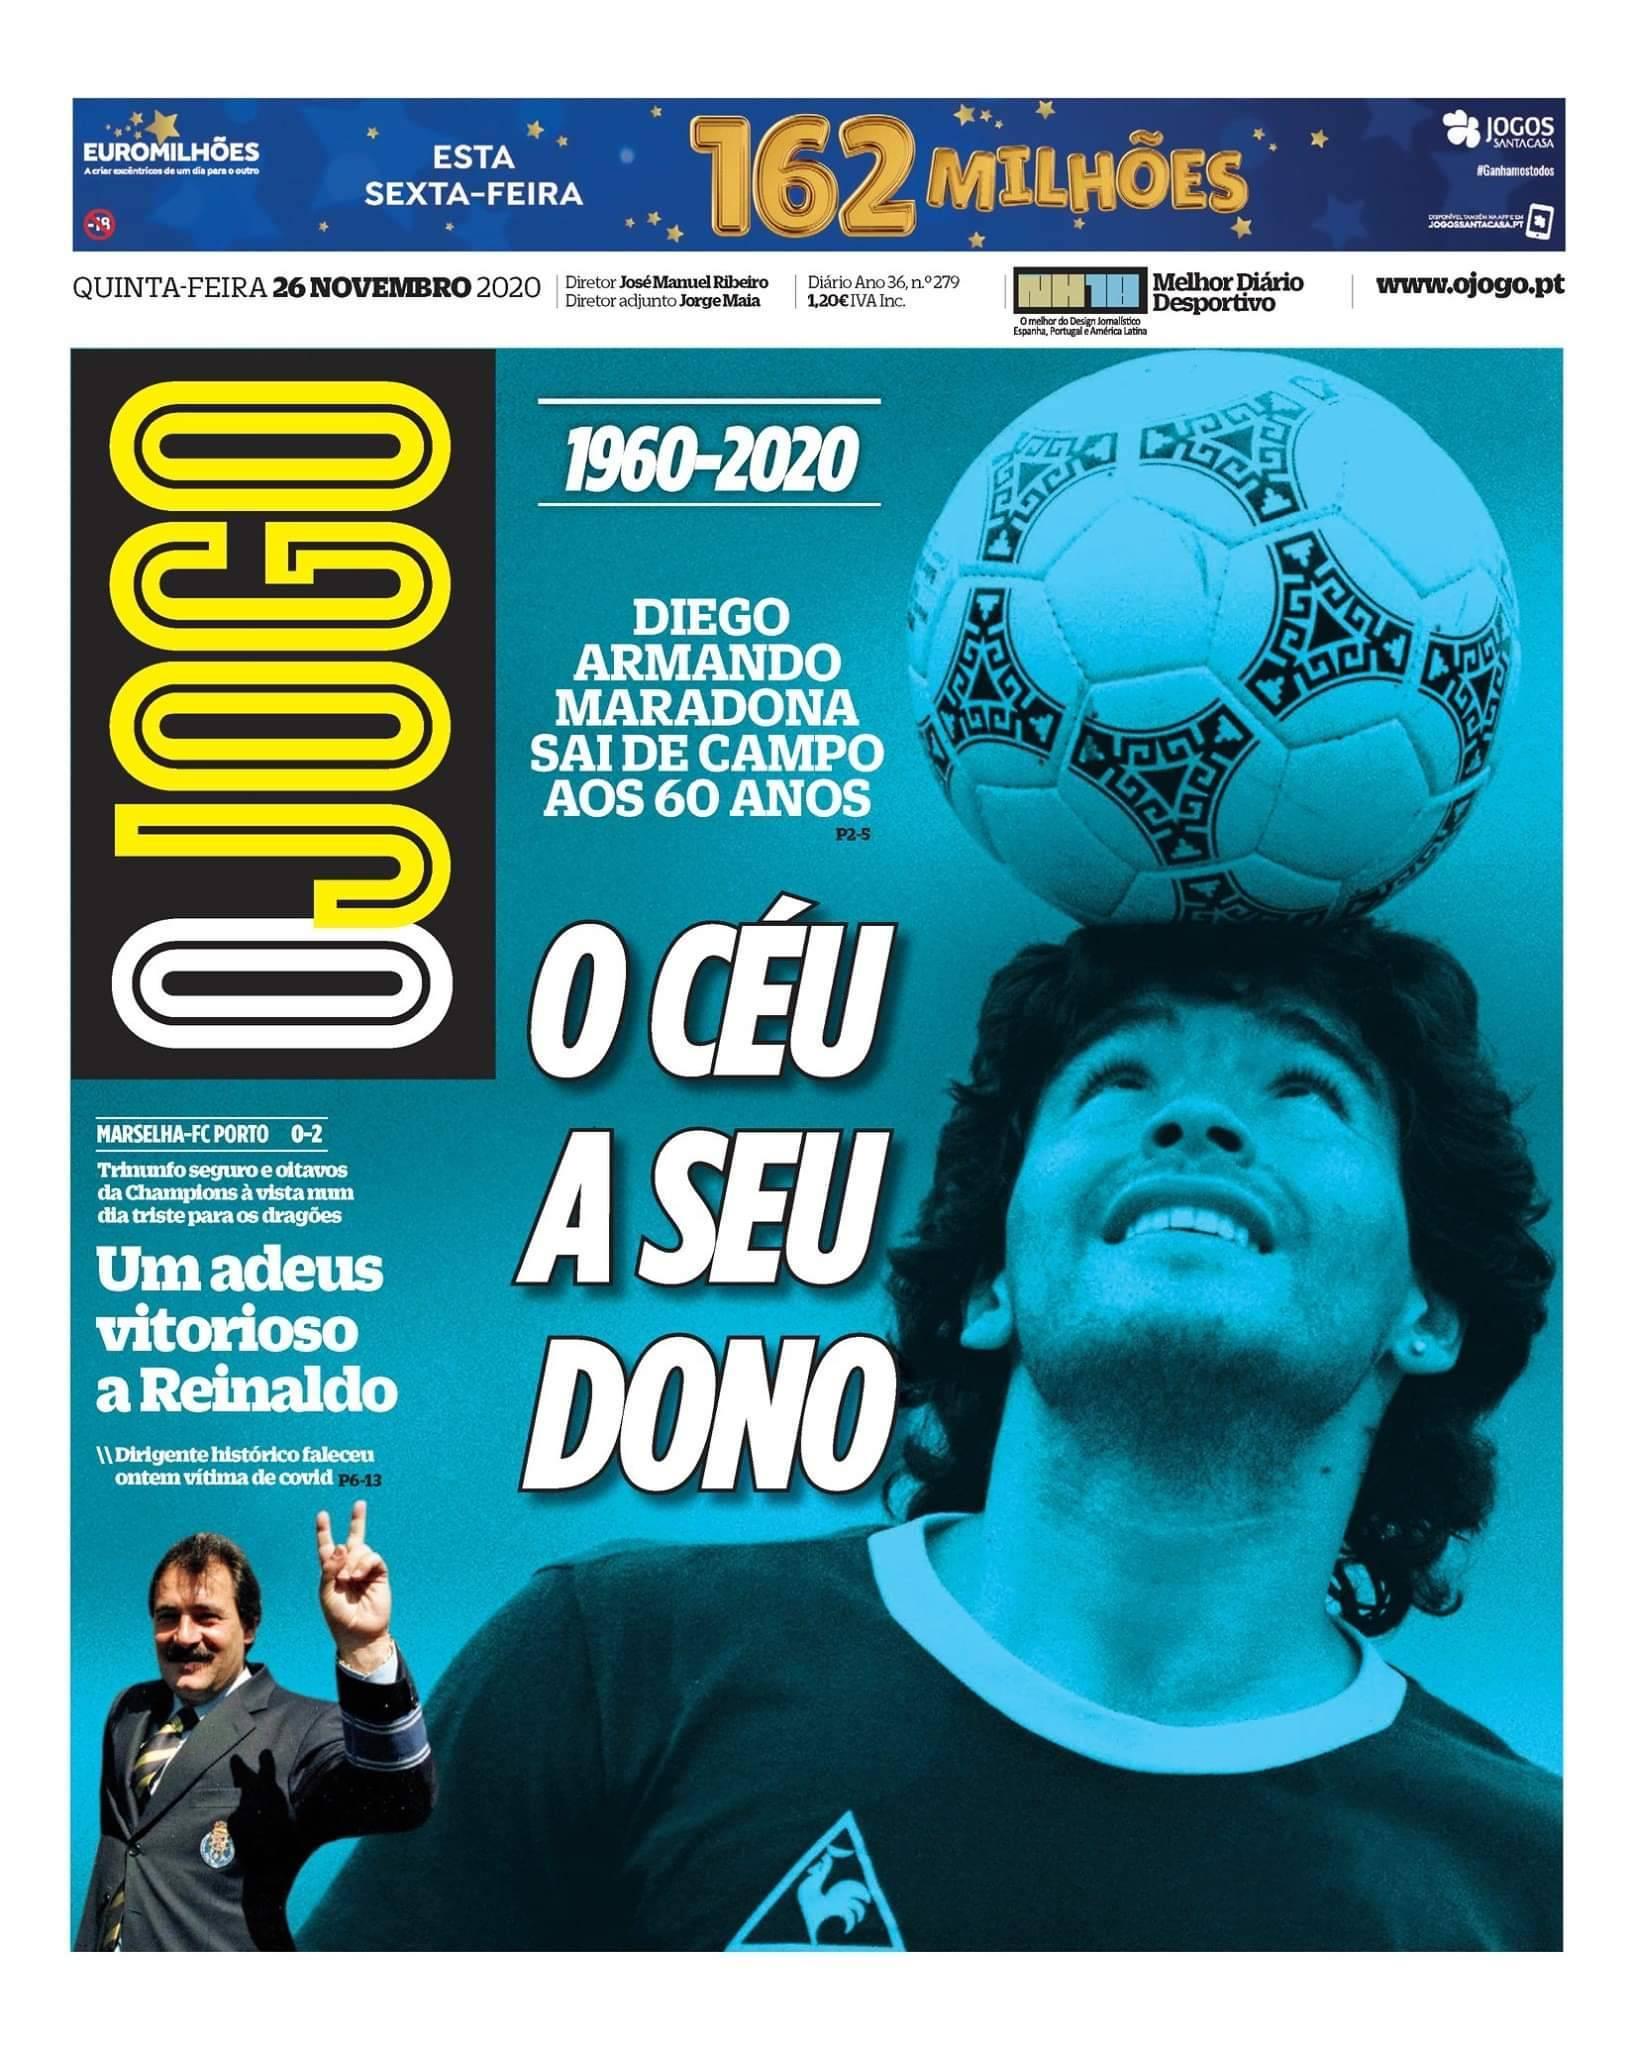 Fallece Diego Armando Maradona al sufrir un paro cardíaco  16063723681091